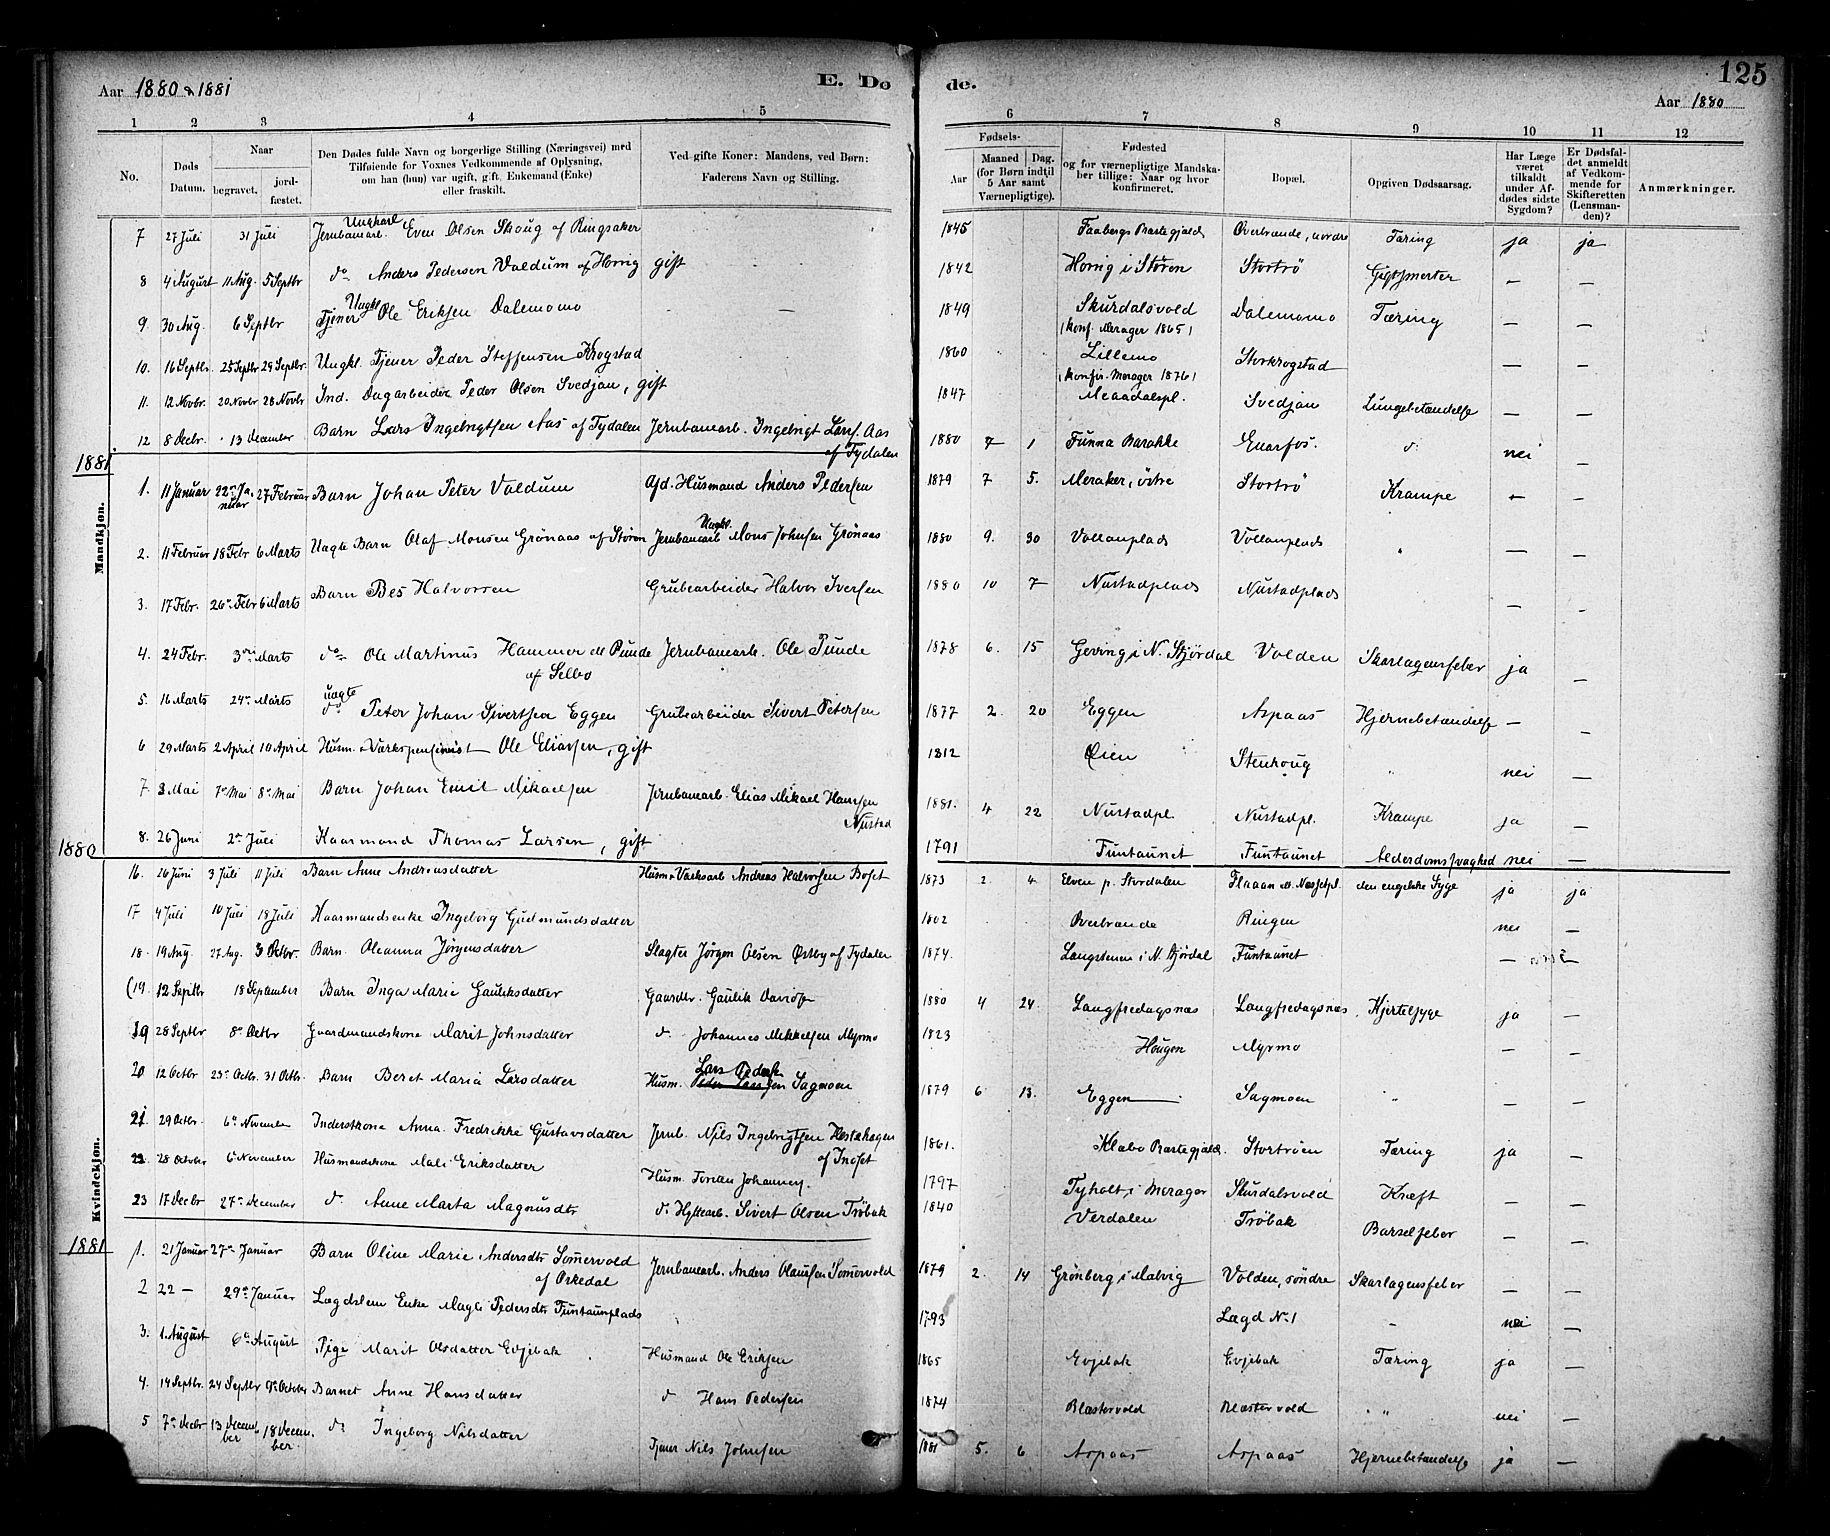 SAT, Ministerialprotokoller, klokkerbøker og fødselsregistre - Nord-Trøndelag, 706/L0047: Ministerialbok nr. 706A03, 1878-1892, s. 125